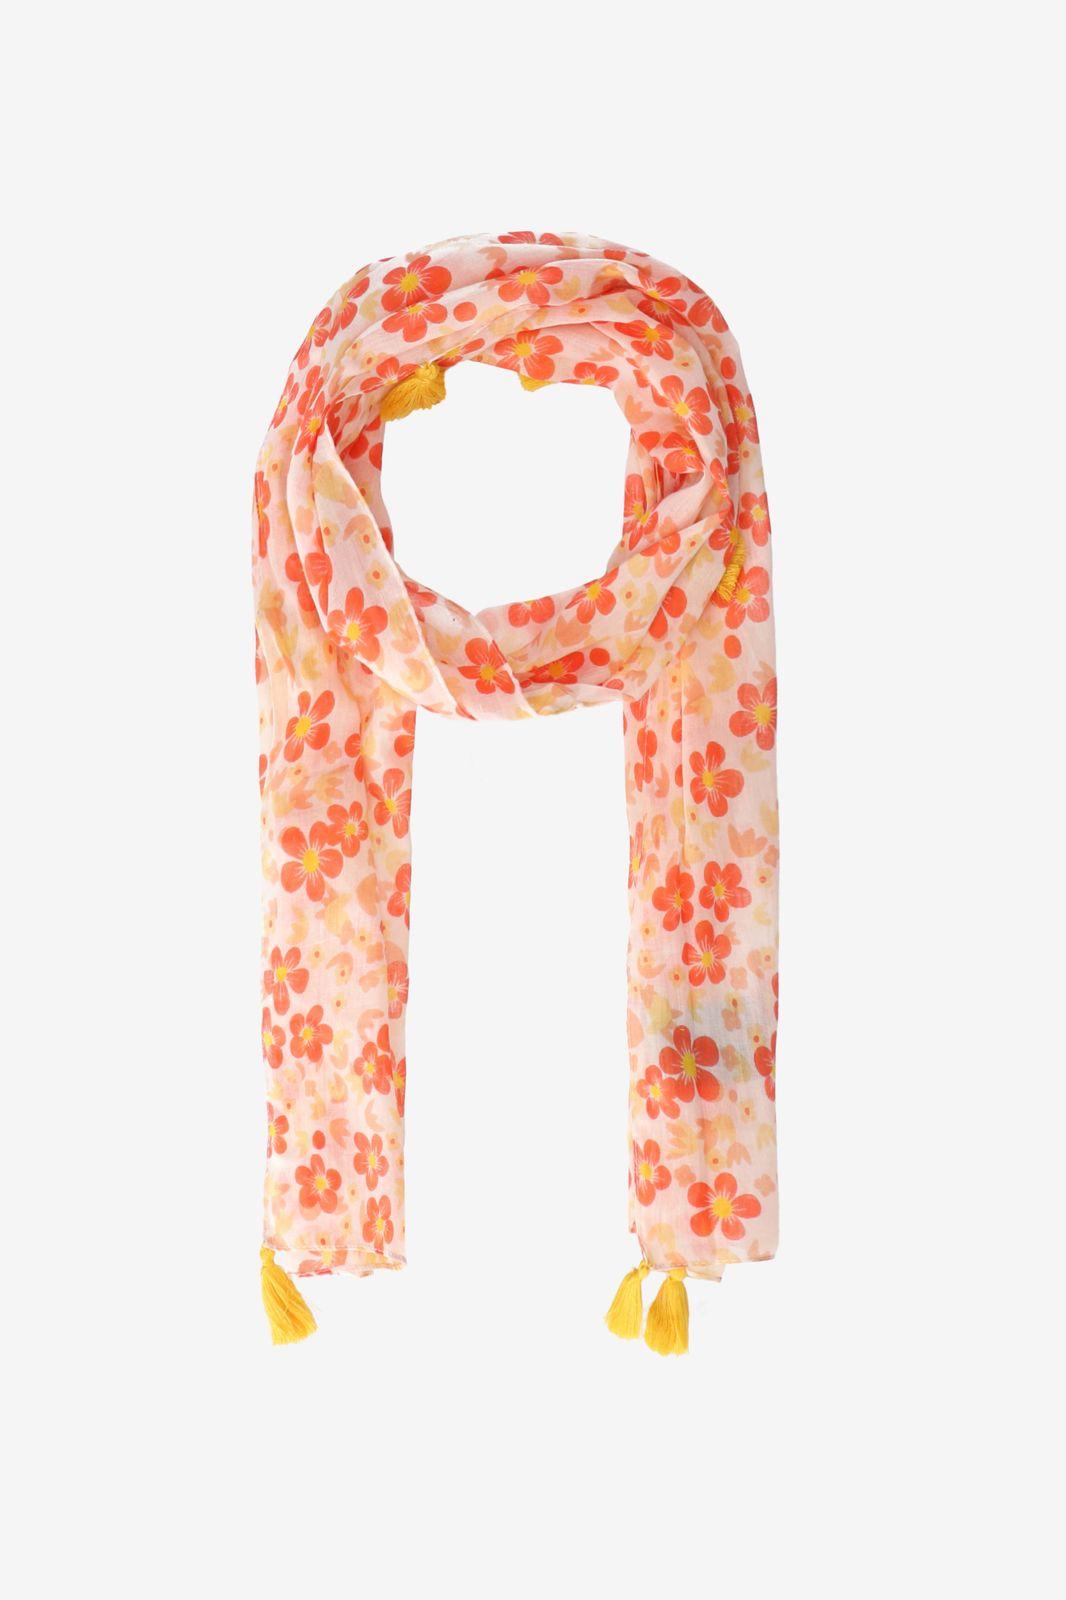 Roze sjaaltje met gele tassle